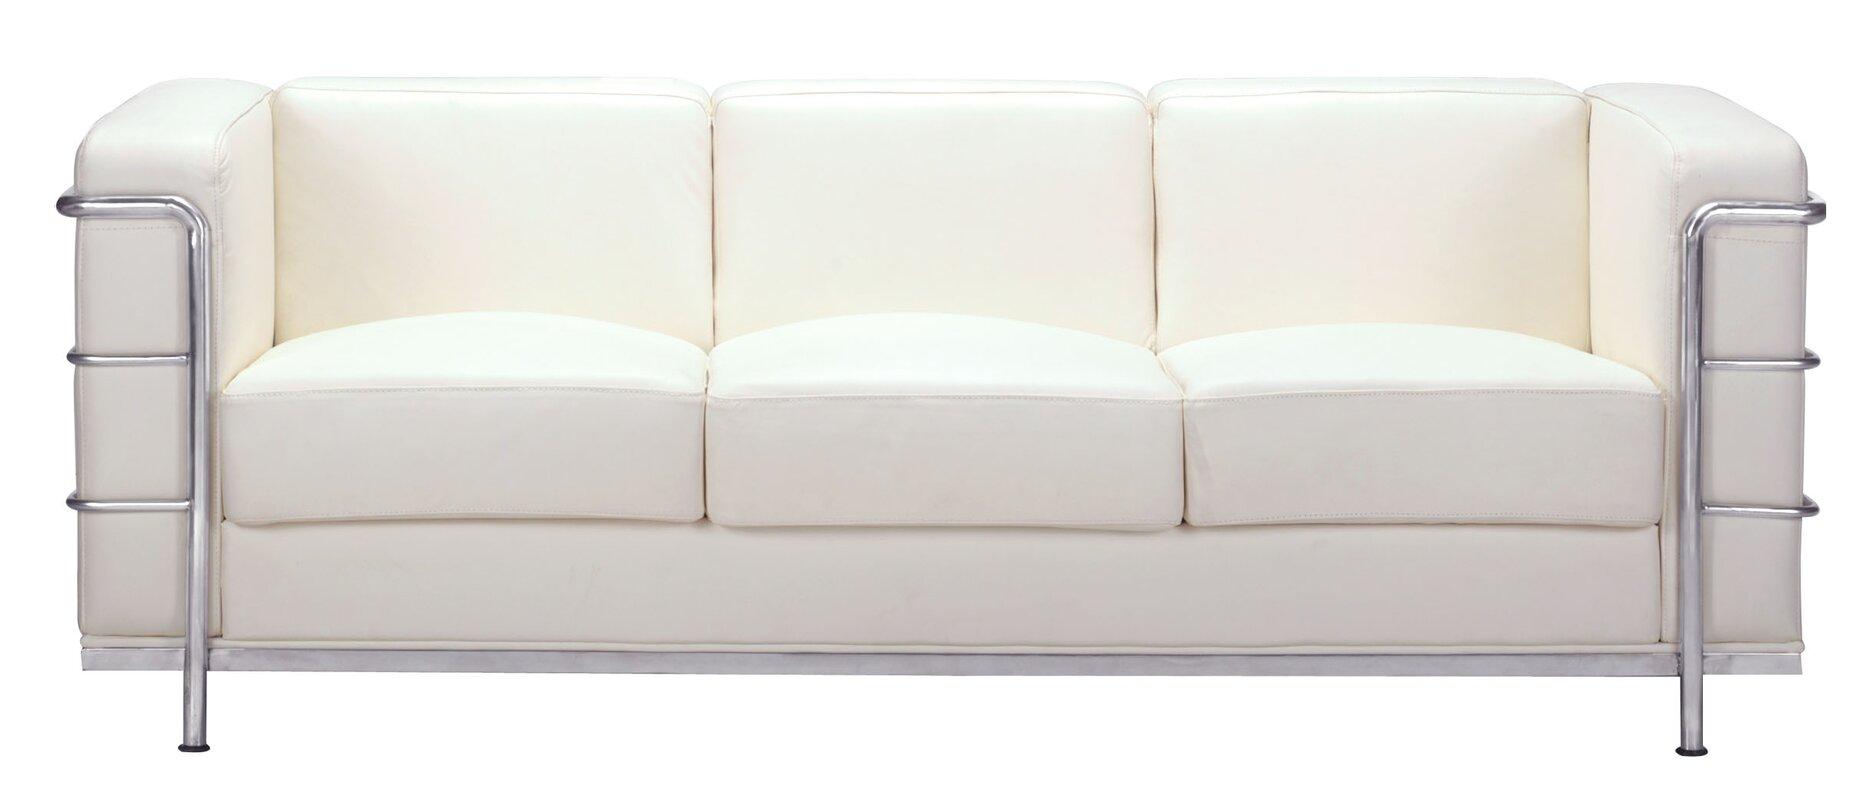 Gallagher Sofa